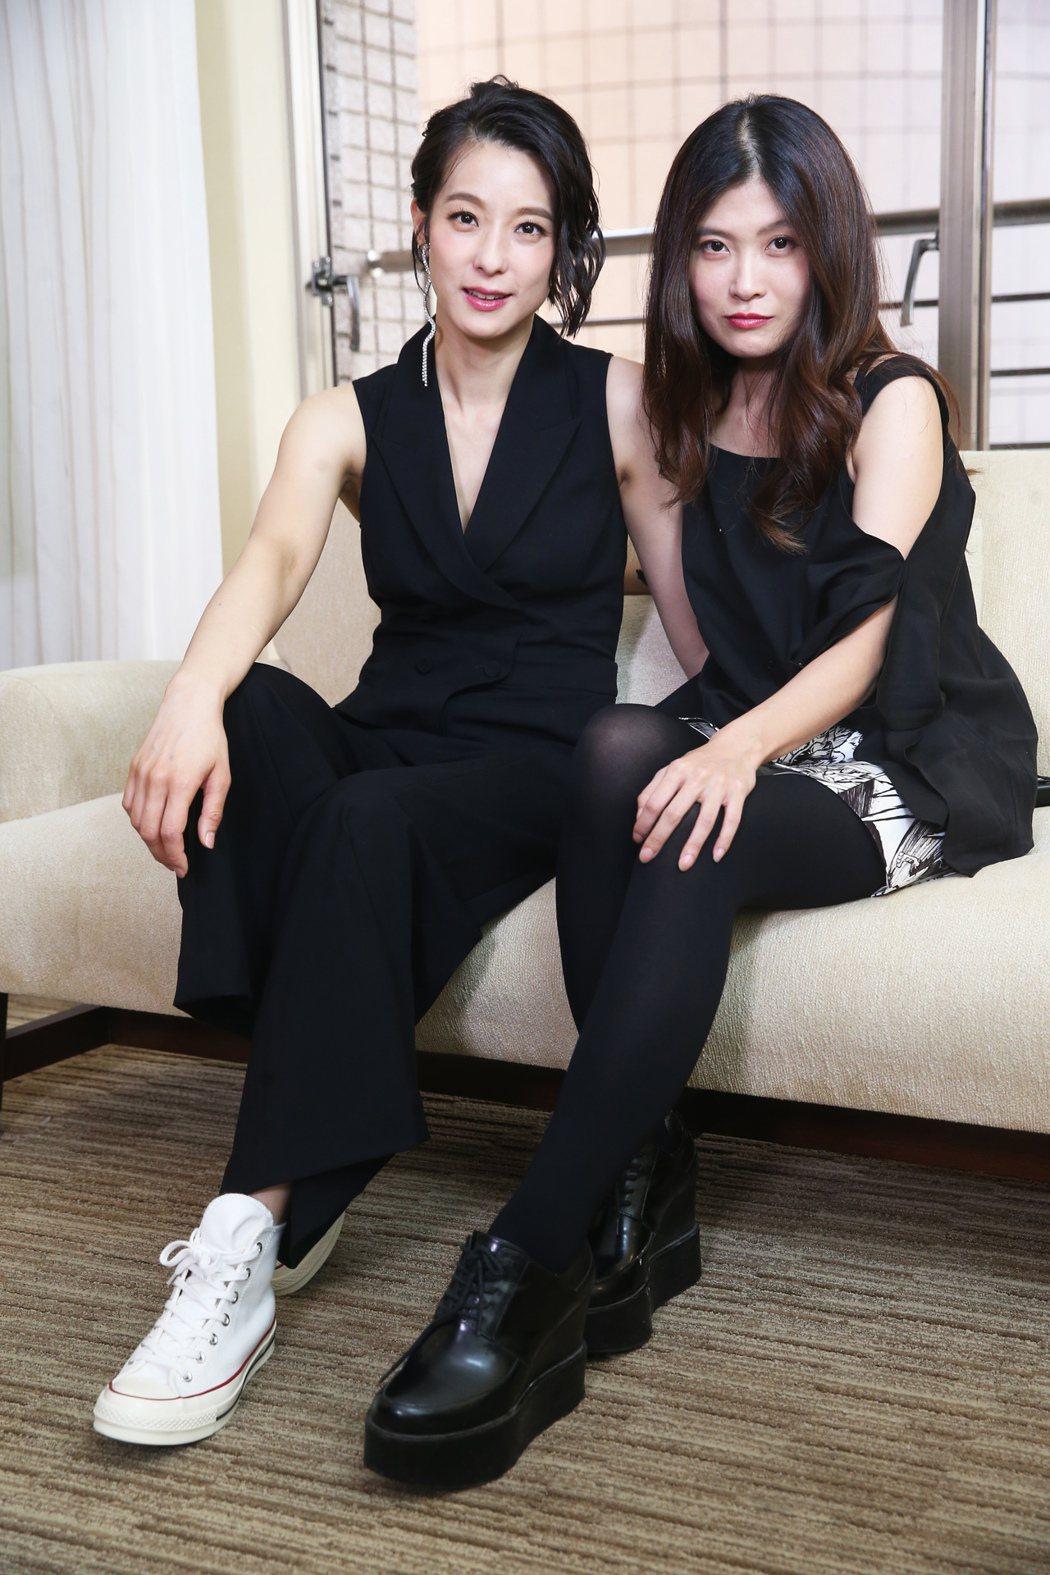 電影《花椒之味》導演麥曦茵(右)、演員賴雅妍(左)。記者徐兆玄/攝影